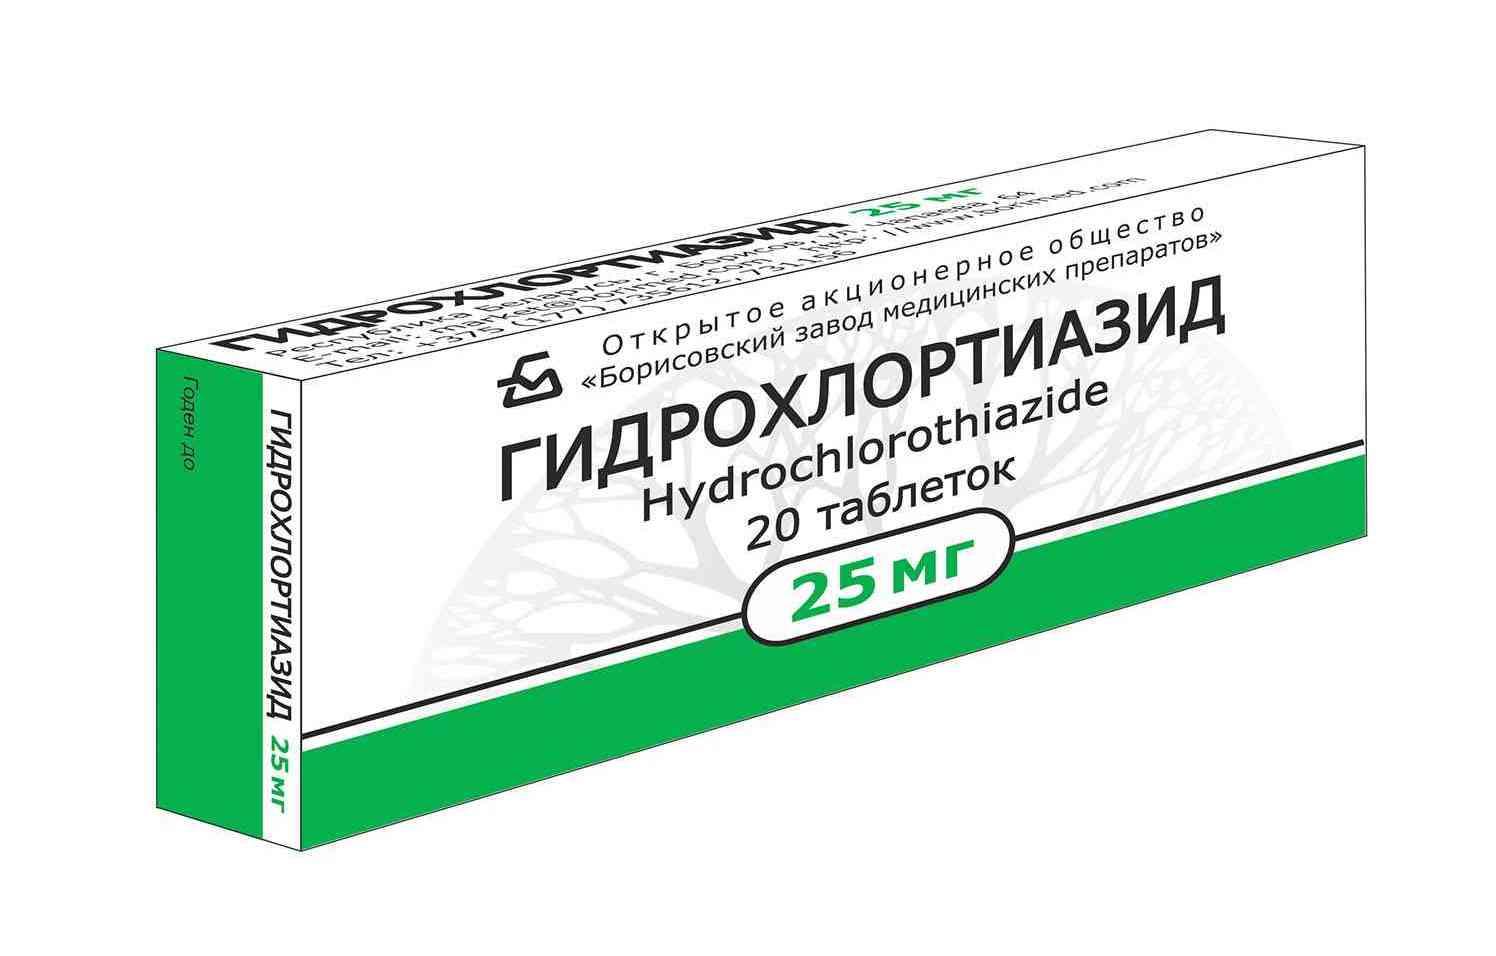 Nyomás tabletták: a legjobb gyógyszerek listája, mellékhatások nélkül - Thrombophlebitis - November